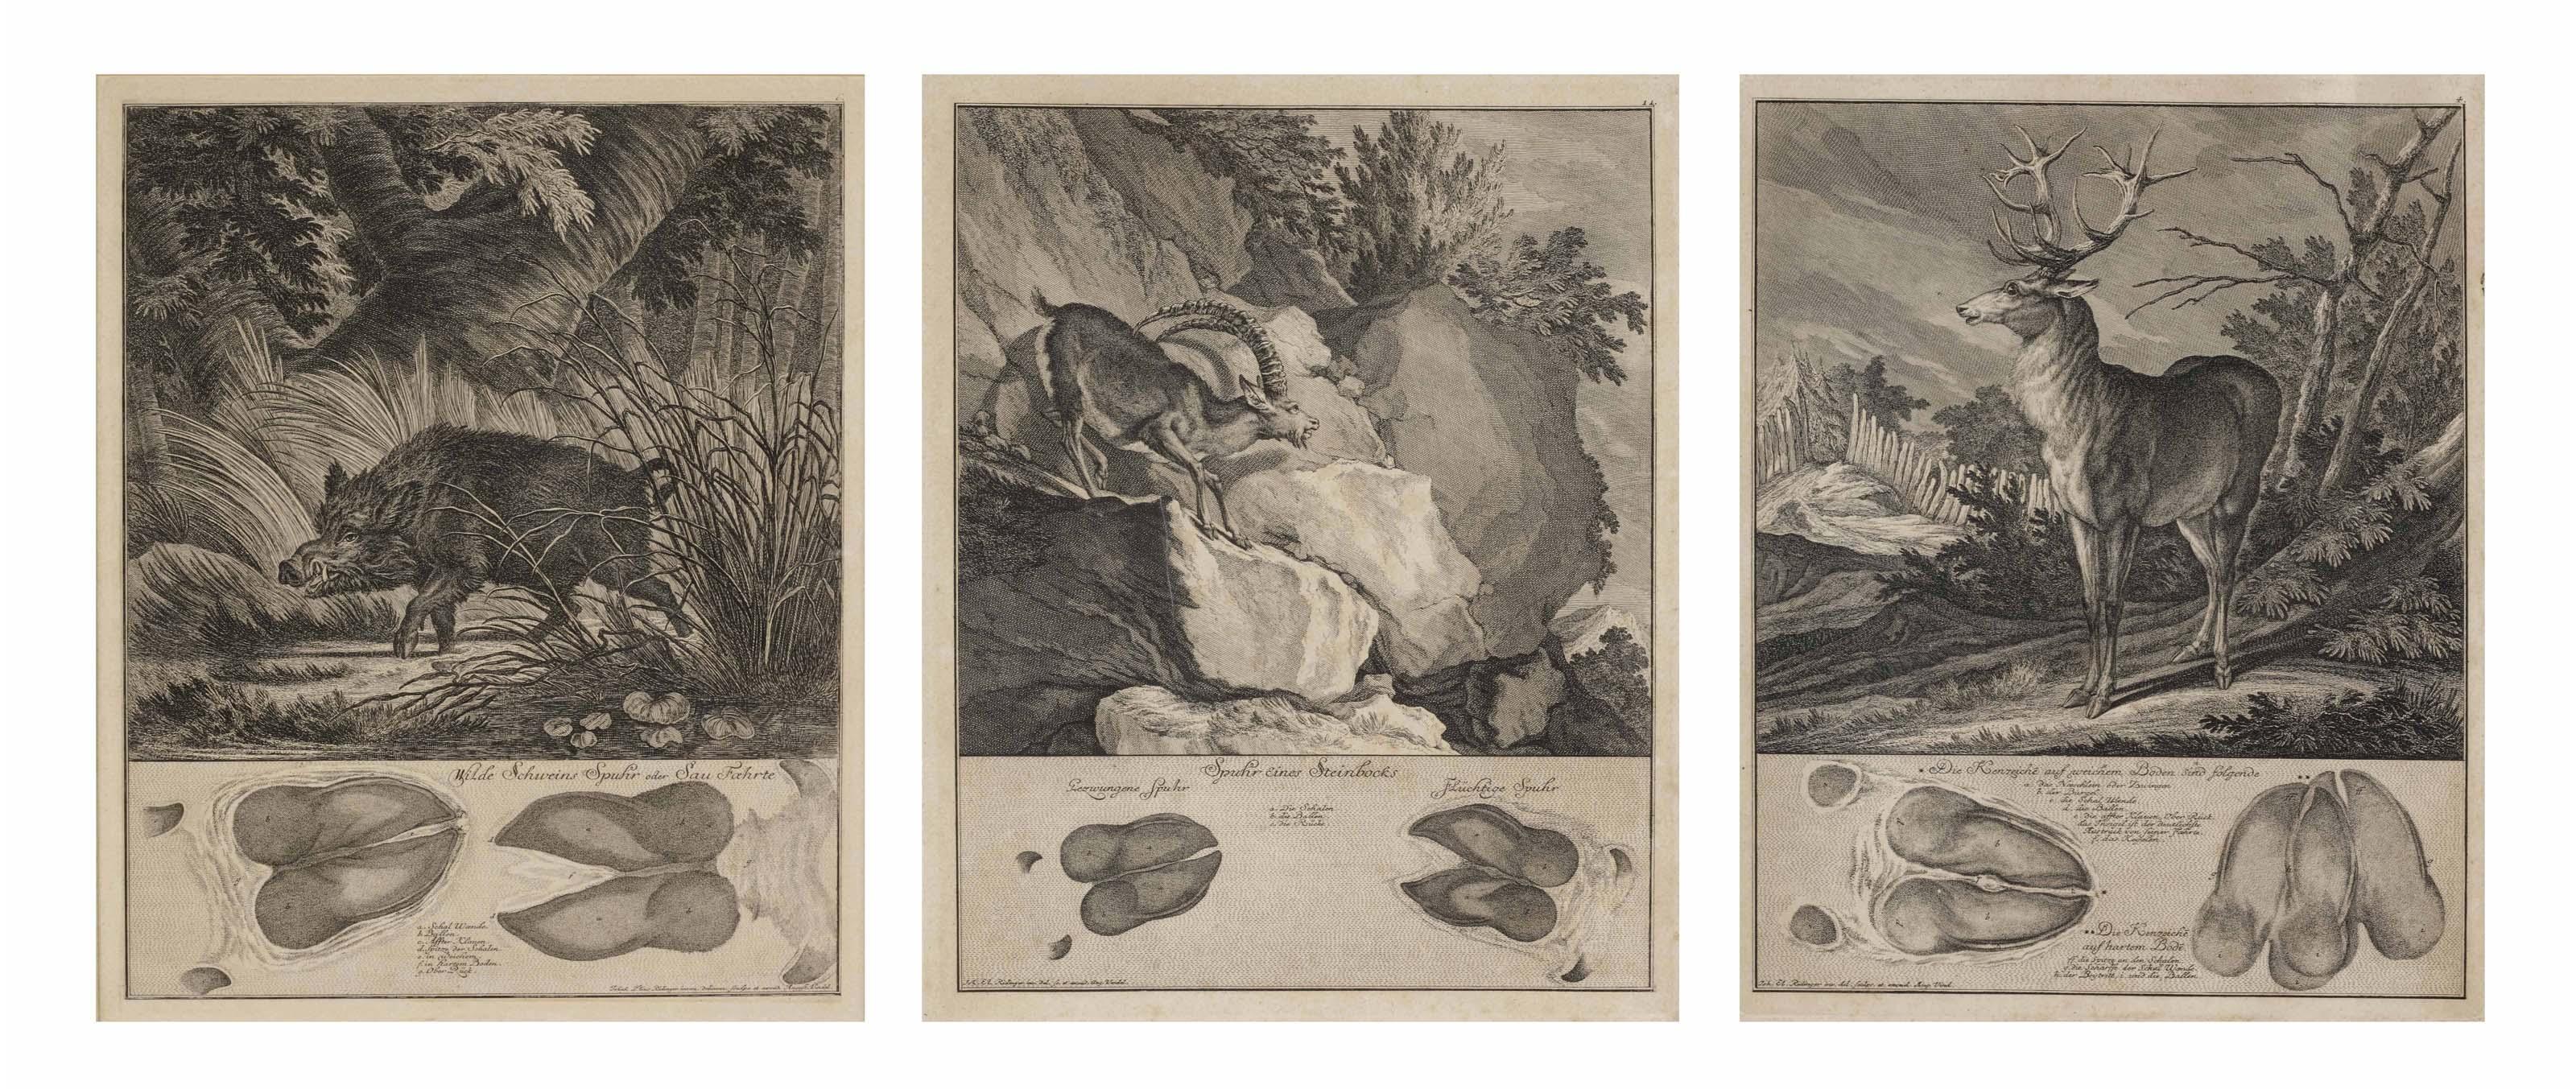 RIDINGER, Johann Elias (1696-1767). A collection of ten prints from Abbildung der jagtbaren Thiere mit derselben angefugten Fahrten und Spuhren